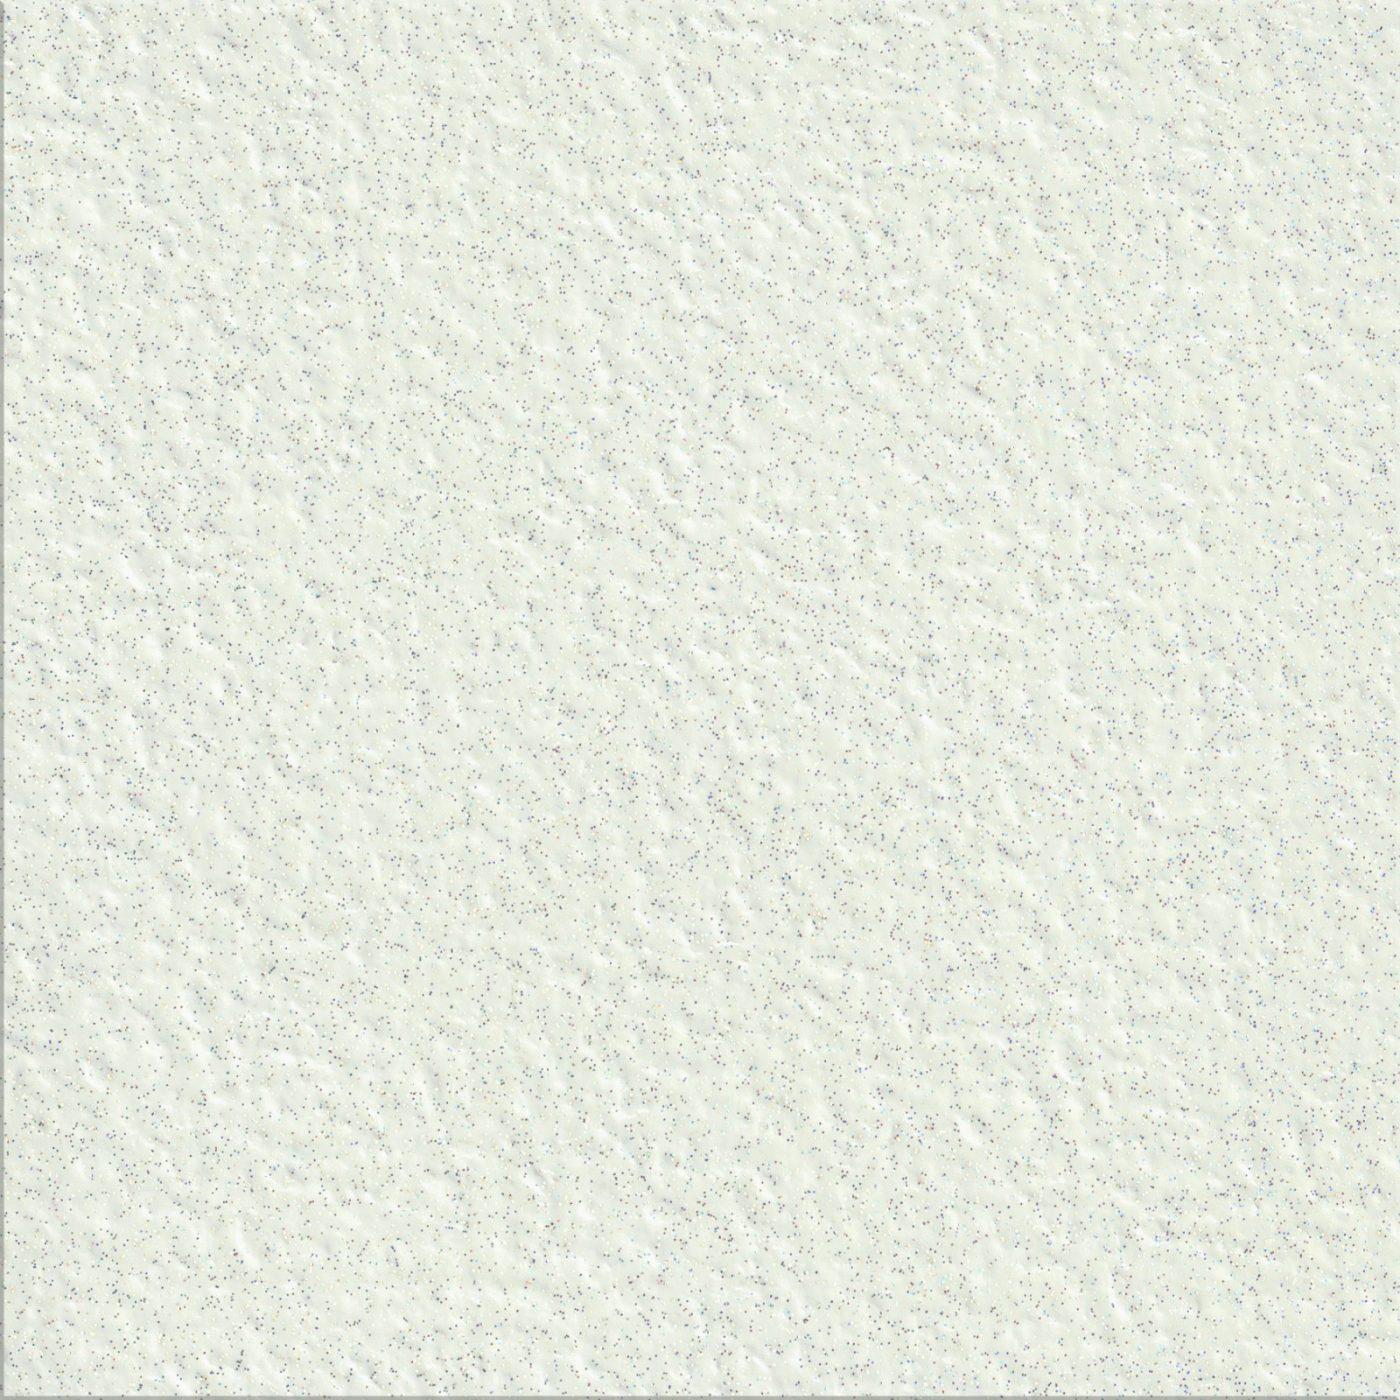 Sparkle White swatch